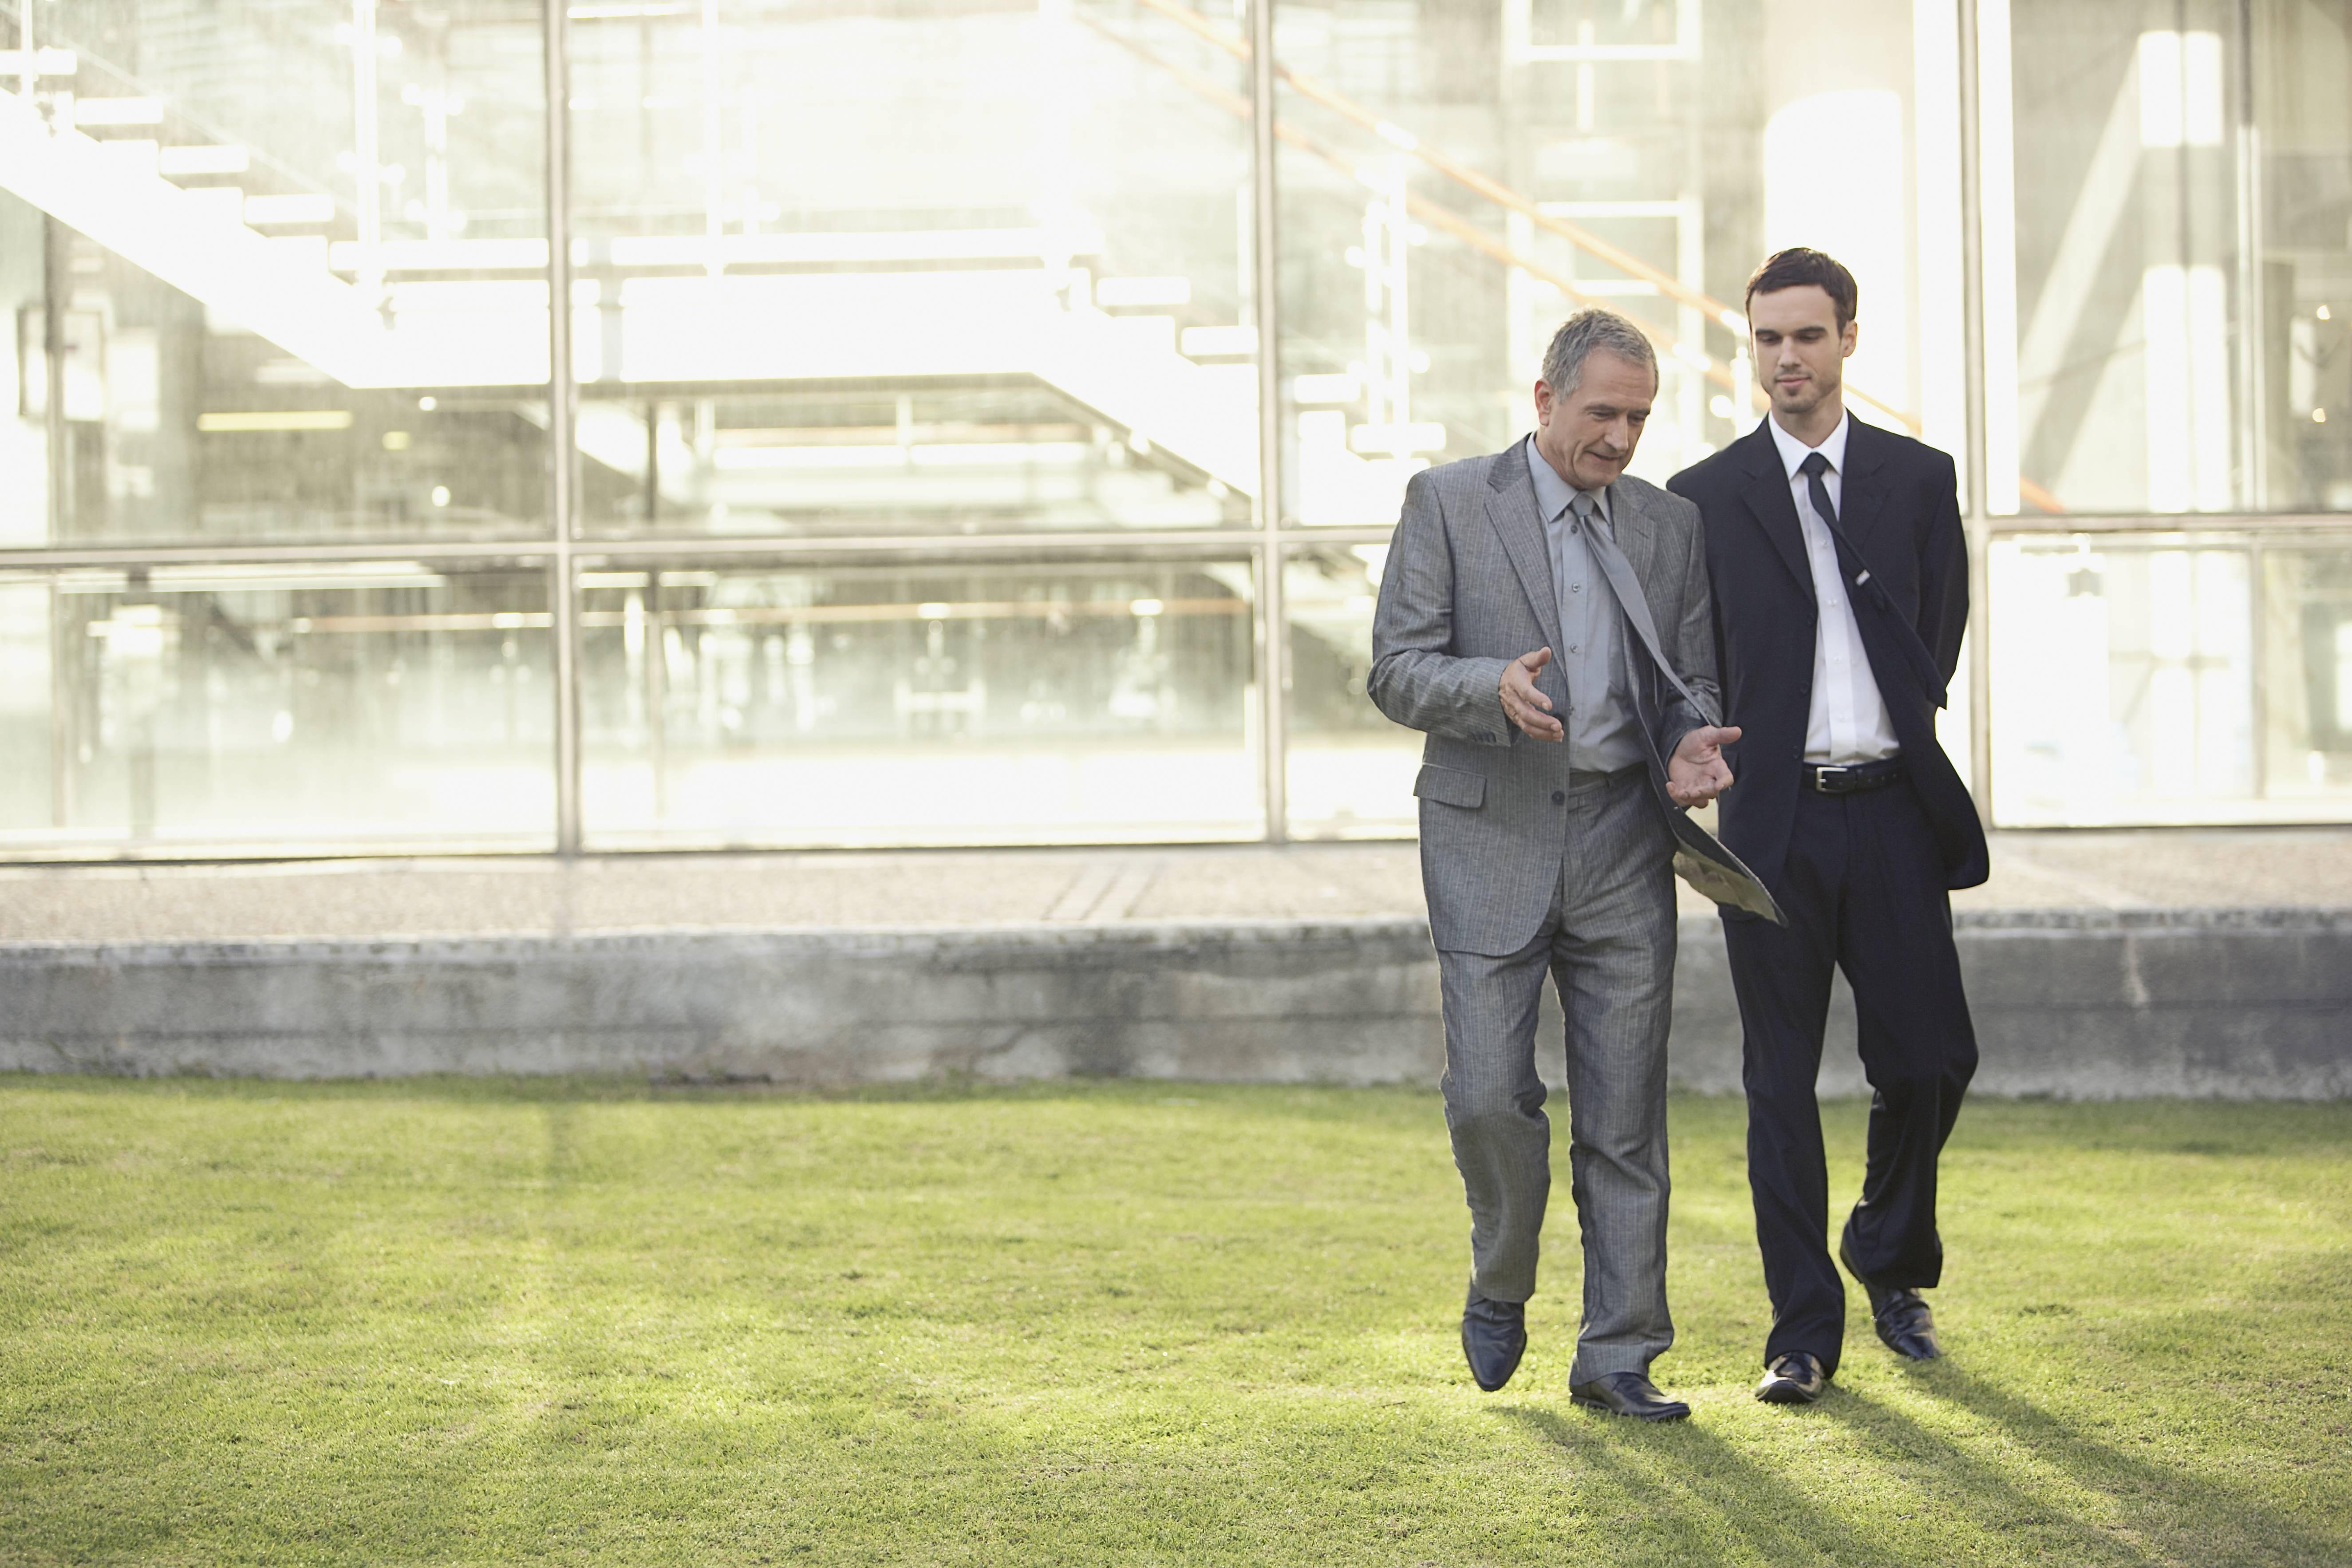 Financial advisors walking outside